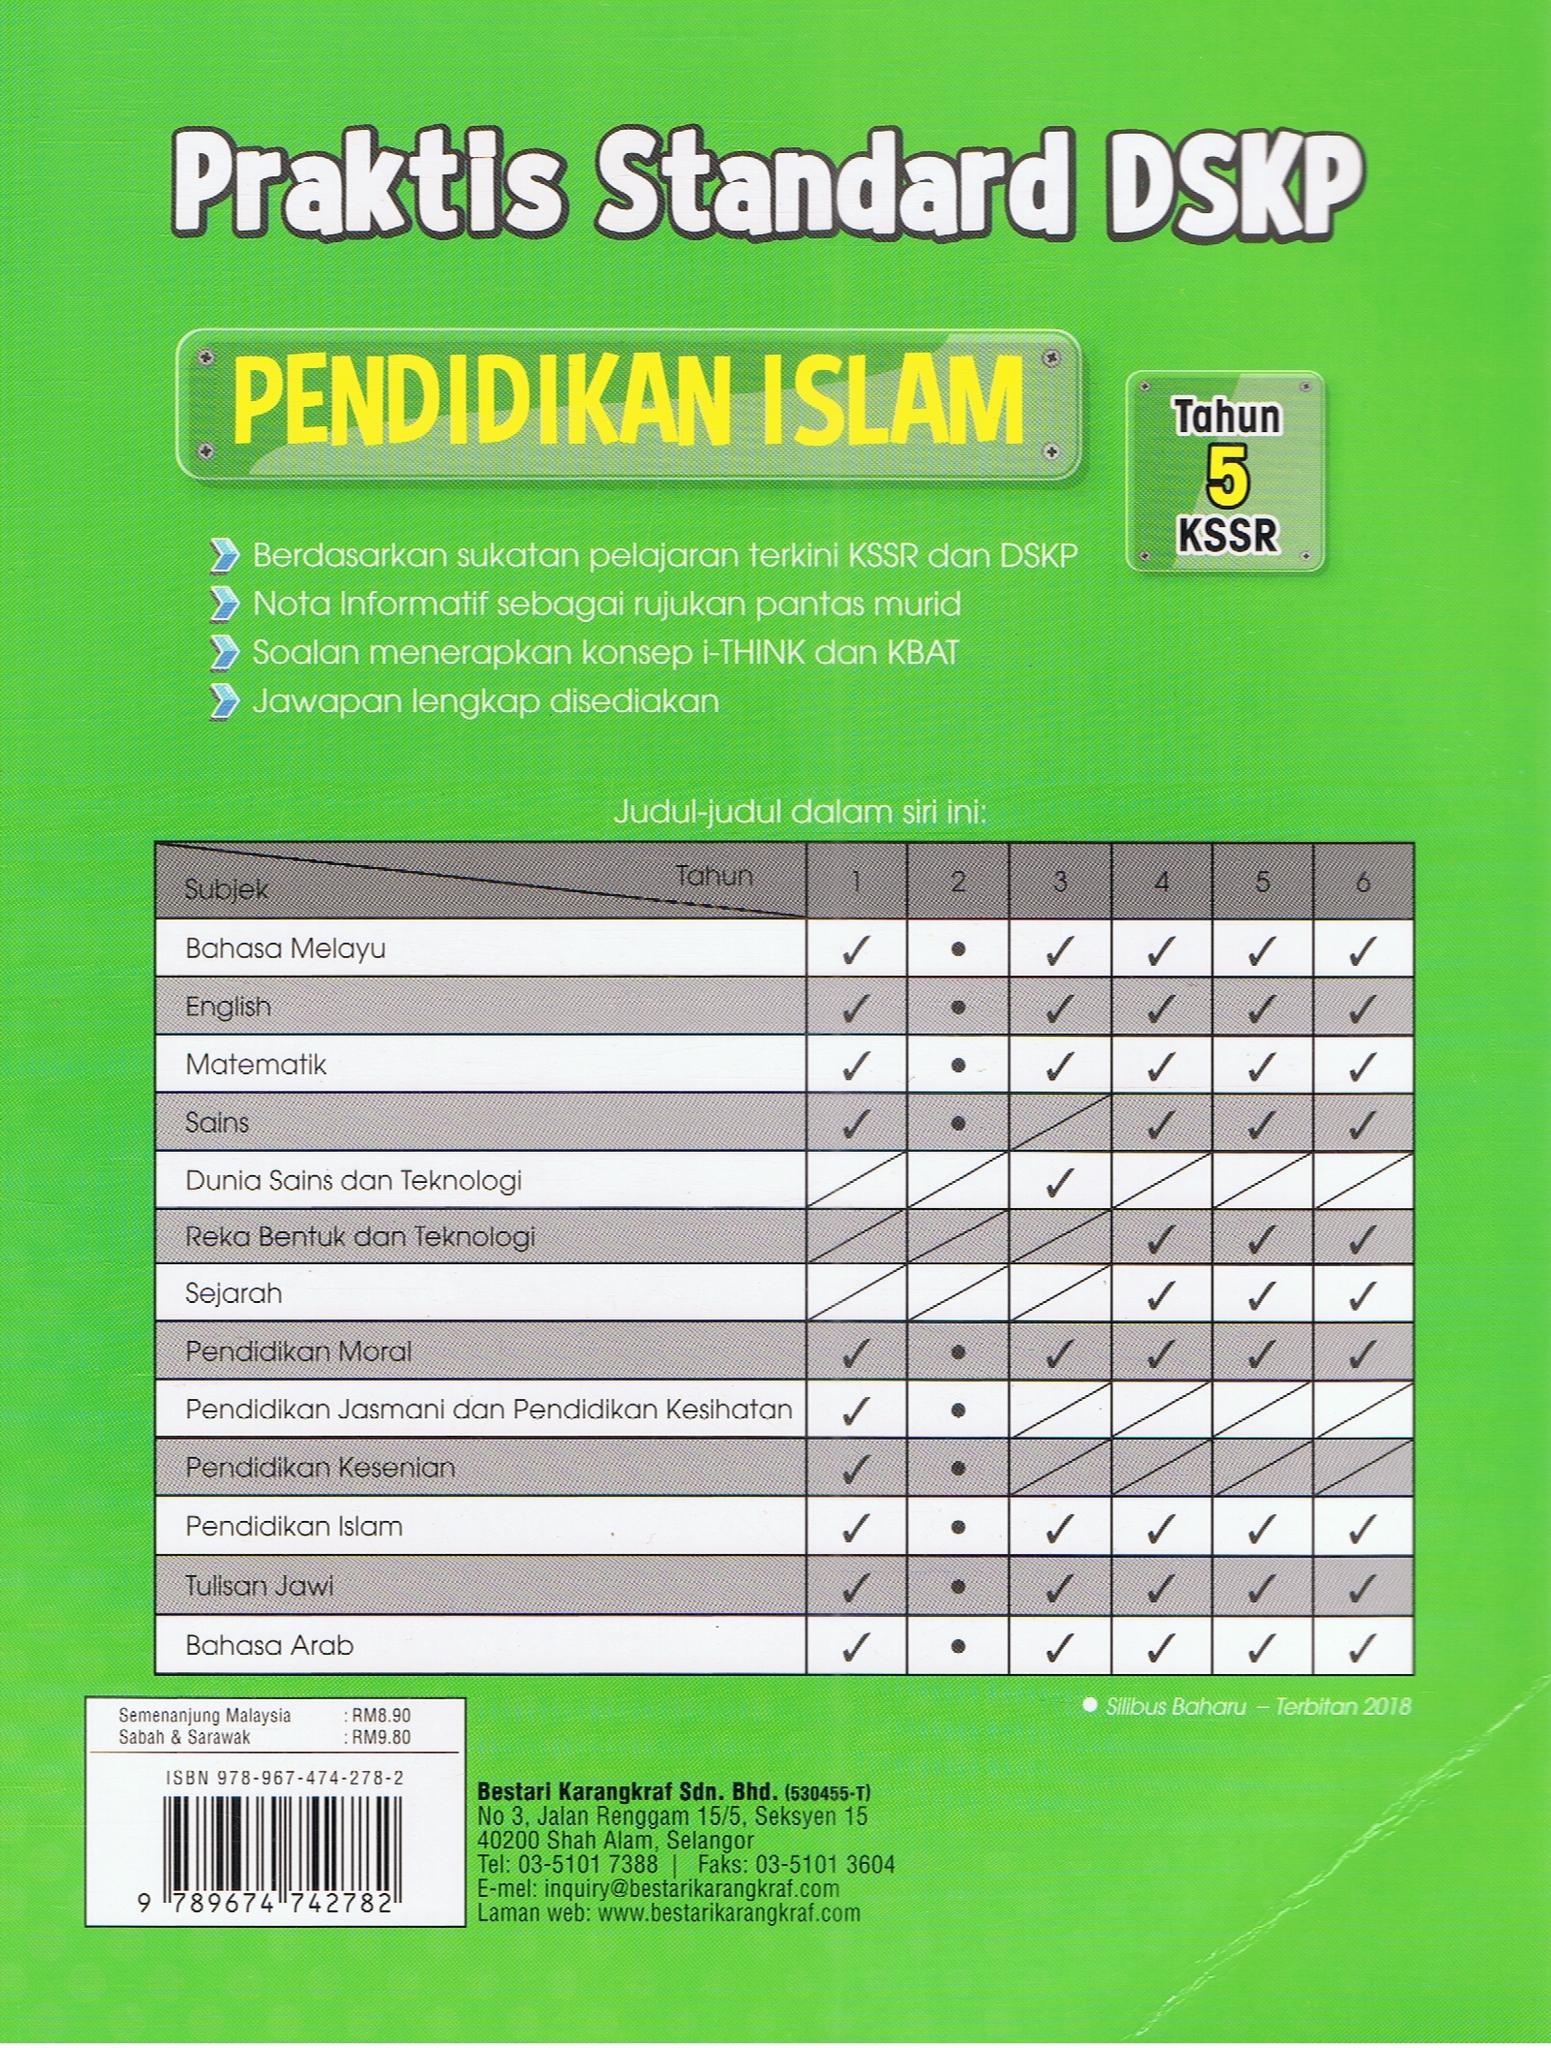 Download Dskp Pendidikan islam Tahun 2 Menarik Praktis Standard Dskp Pendidikan islam Tahun 5 Bukudbp Com Of Download Segera Dskp Pendidikan Islam Tahun 2 Yang Terhebat Khas Untuk Guru-guru Perolehi!